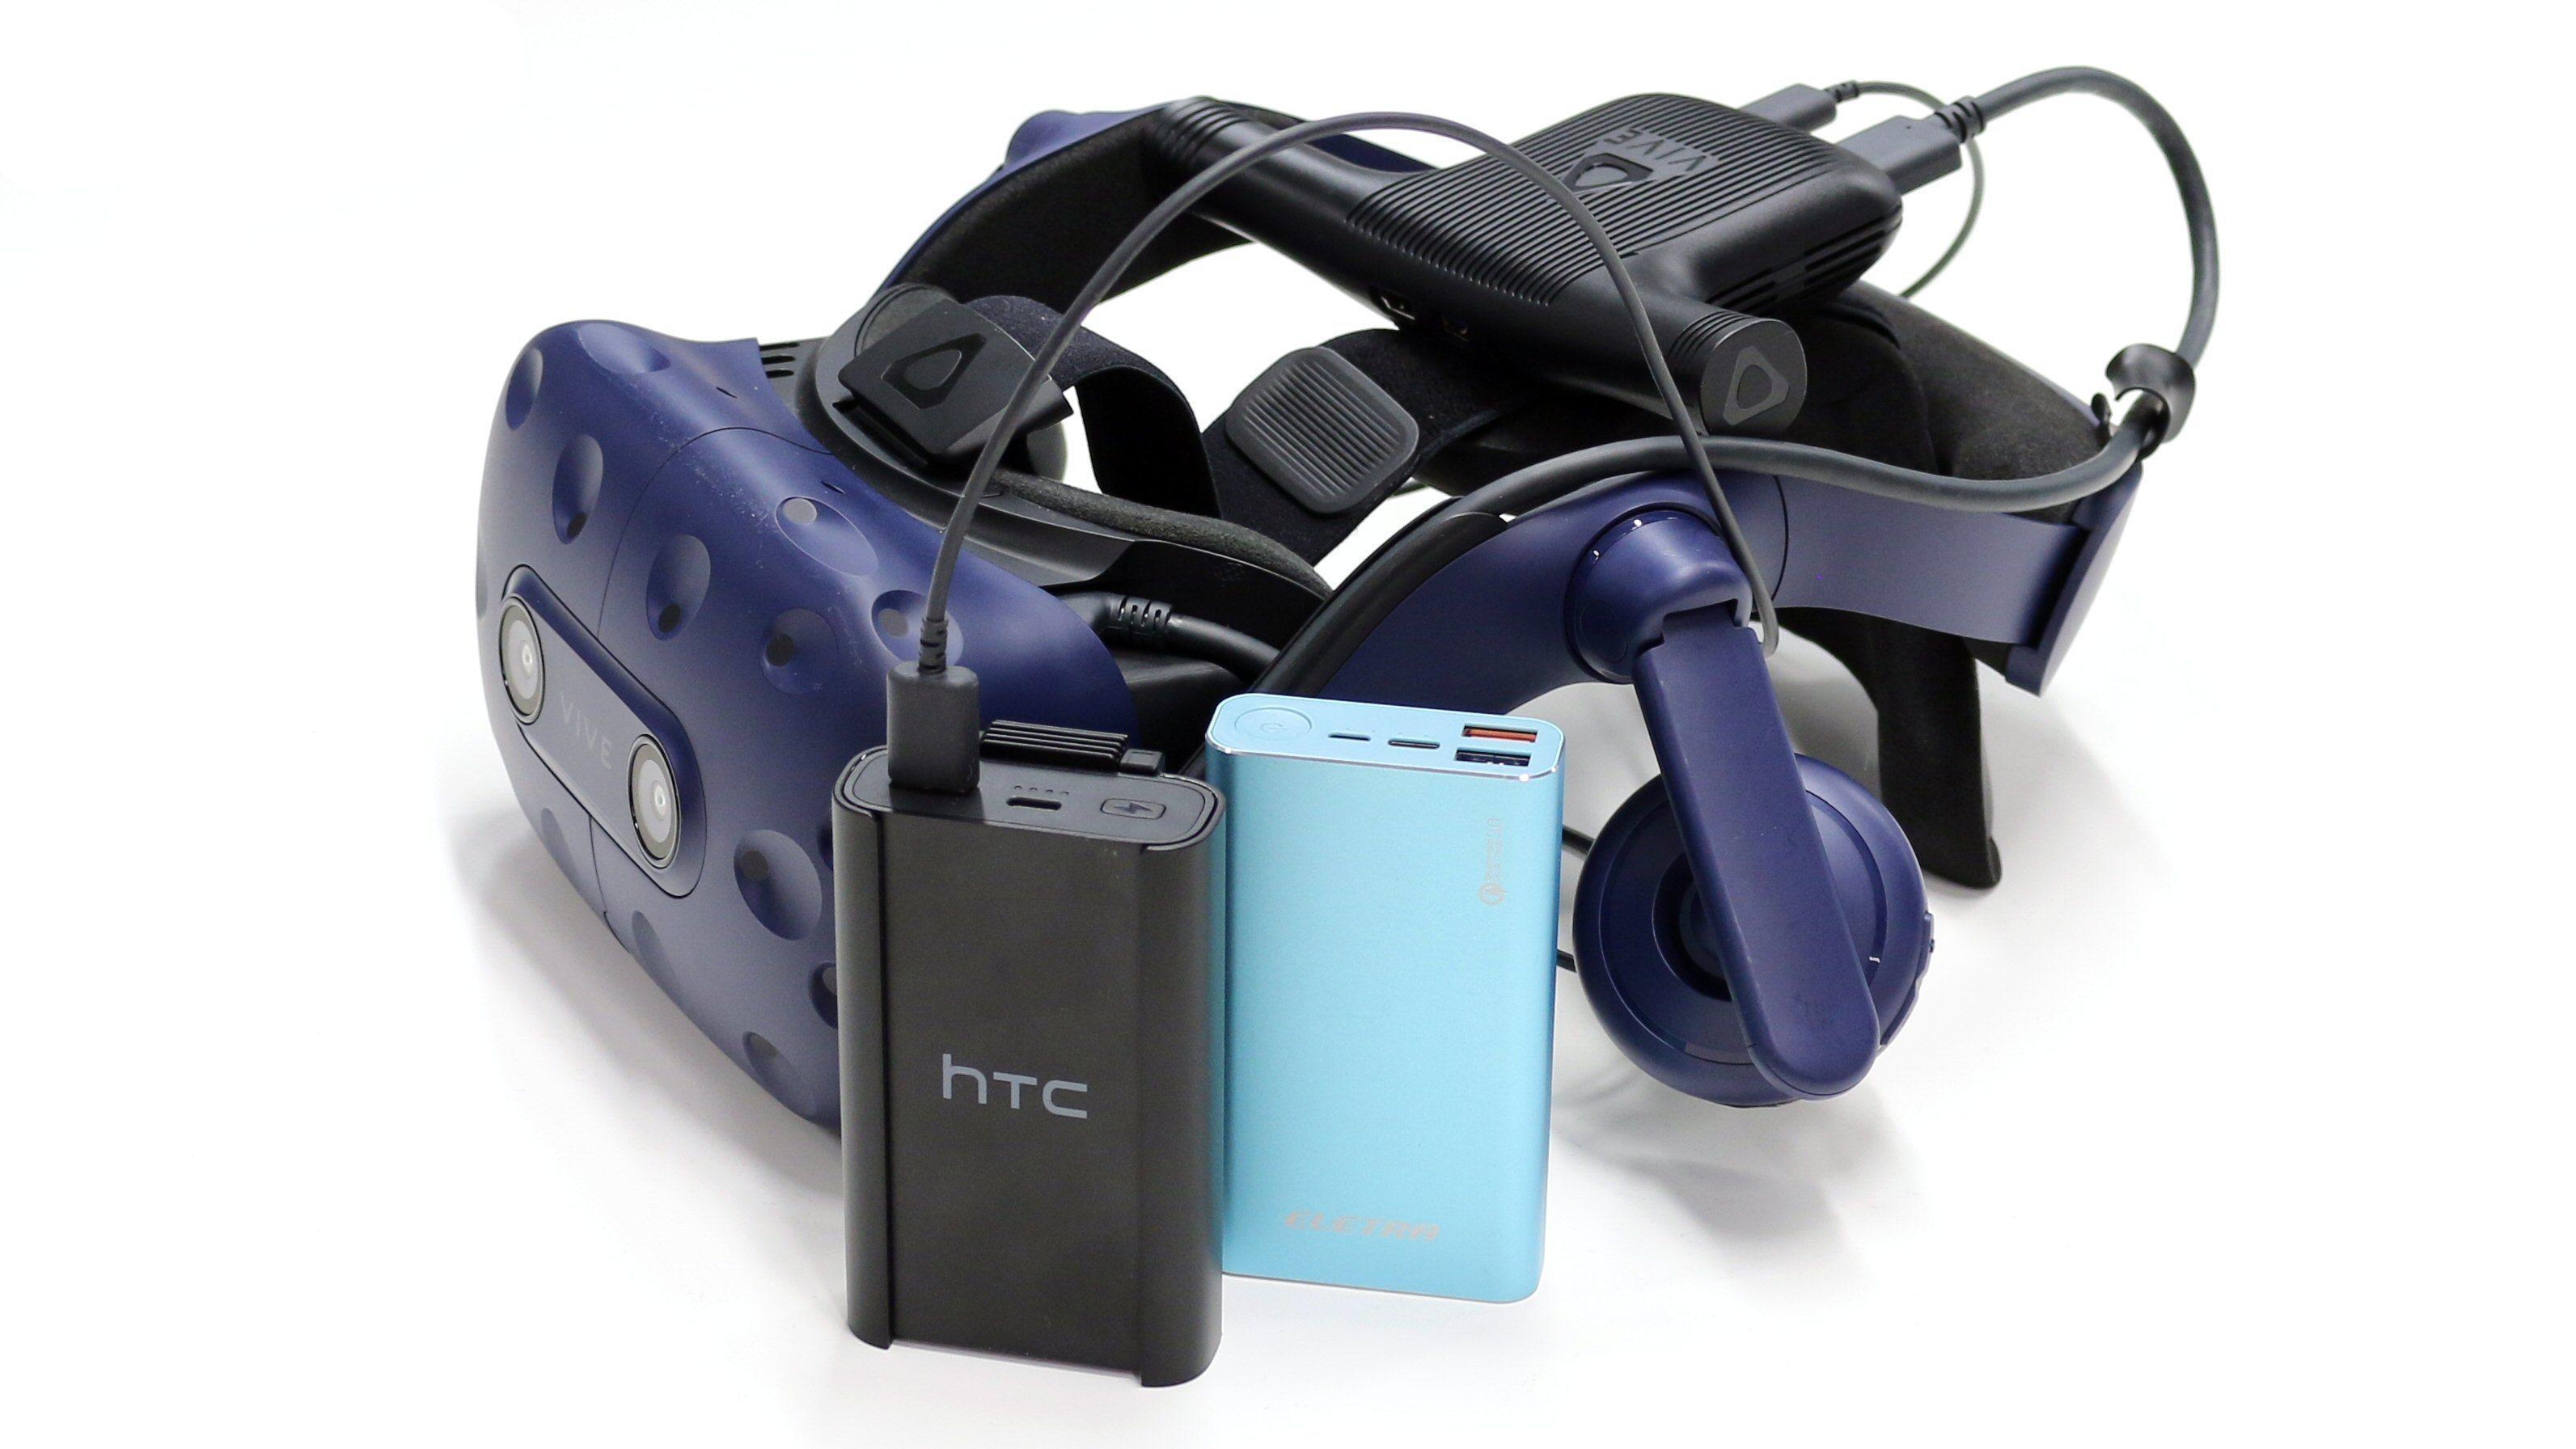 Egentlig skal man kun bruke HTCs batteripakker, men...